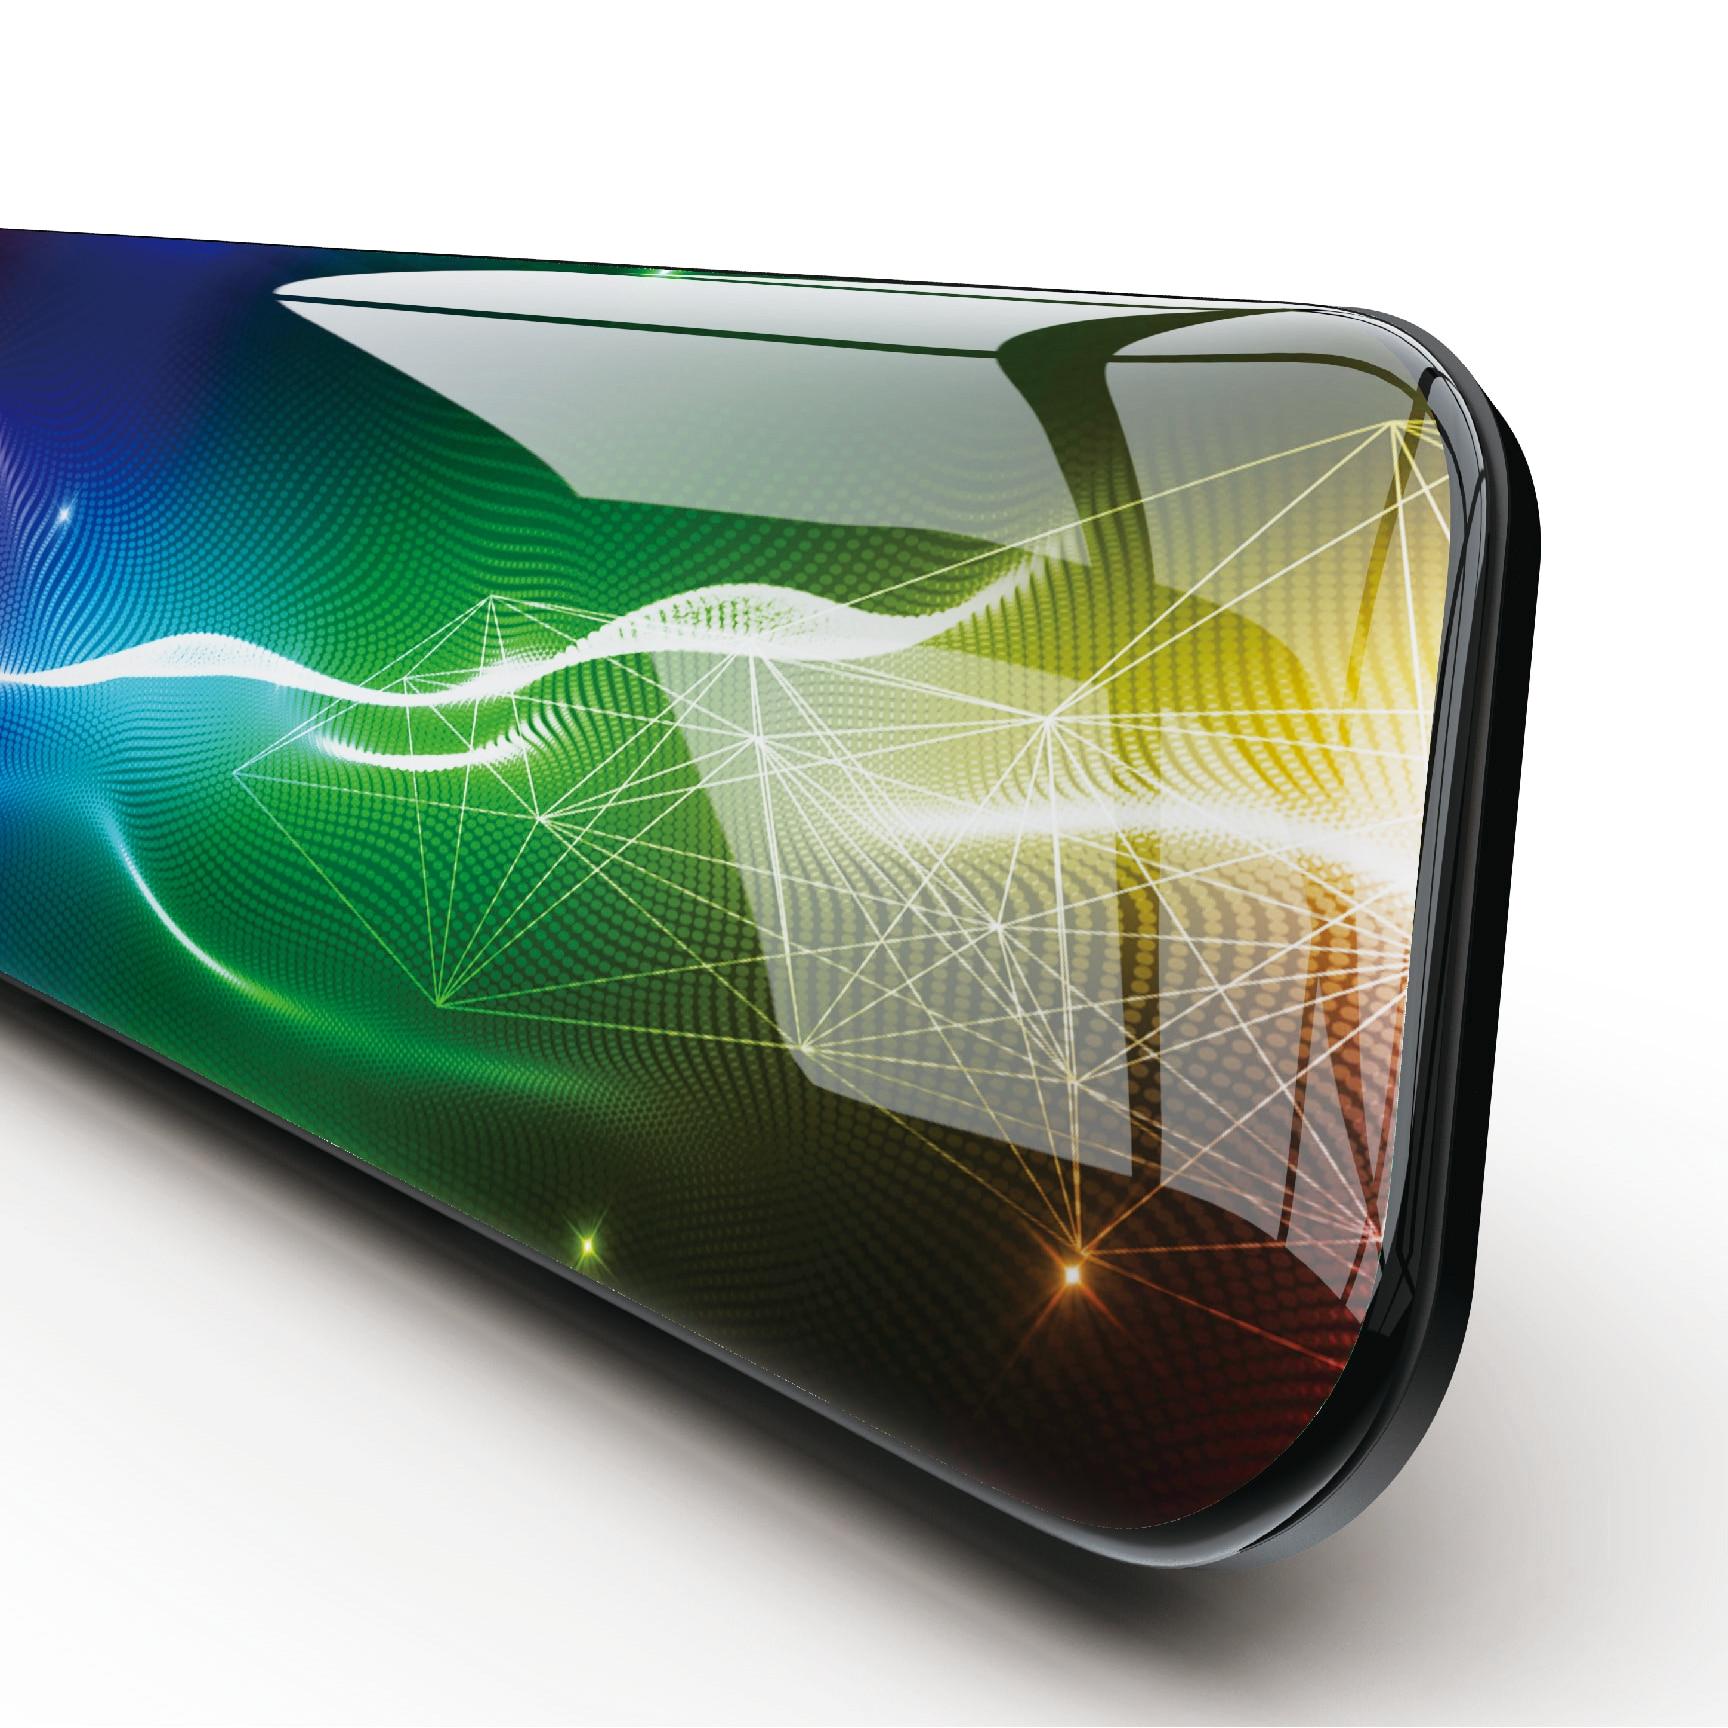 PHILIPS 100% оригинальный полный экран 9,35 Дюймов Android IPS сенсорный двойной WIFI зеркало DashCam Автомобильный видеорегистратор Камера